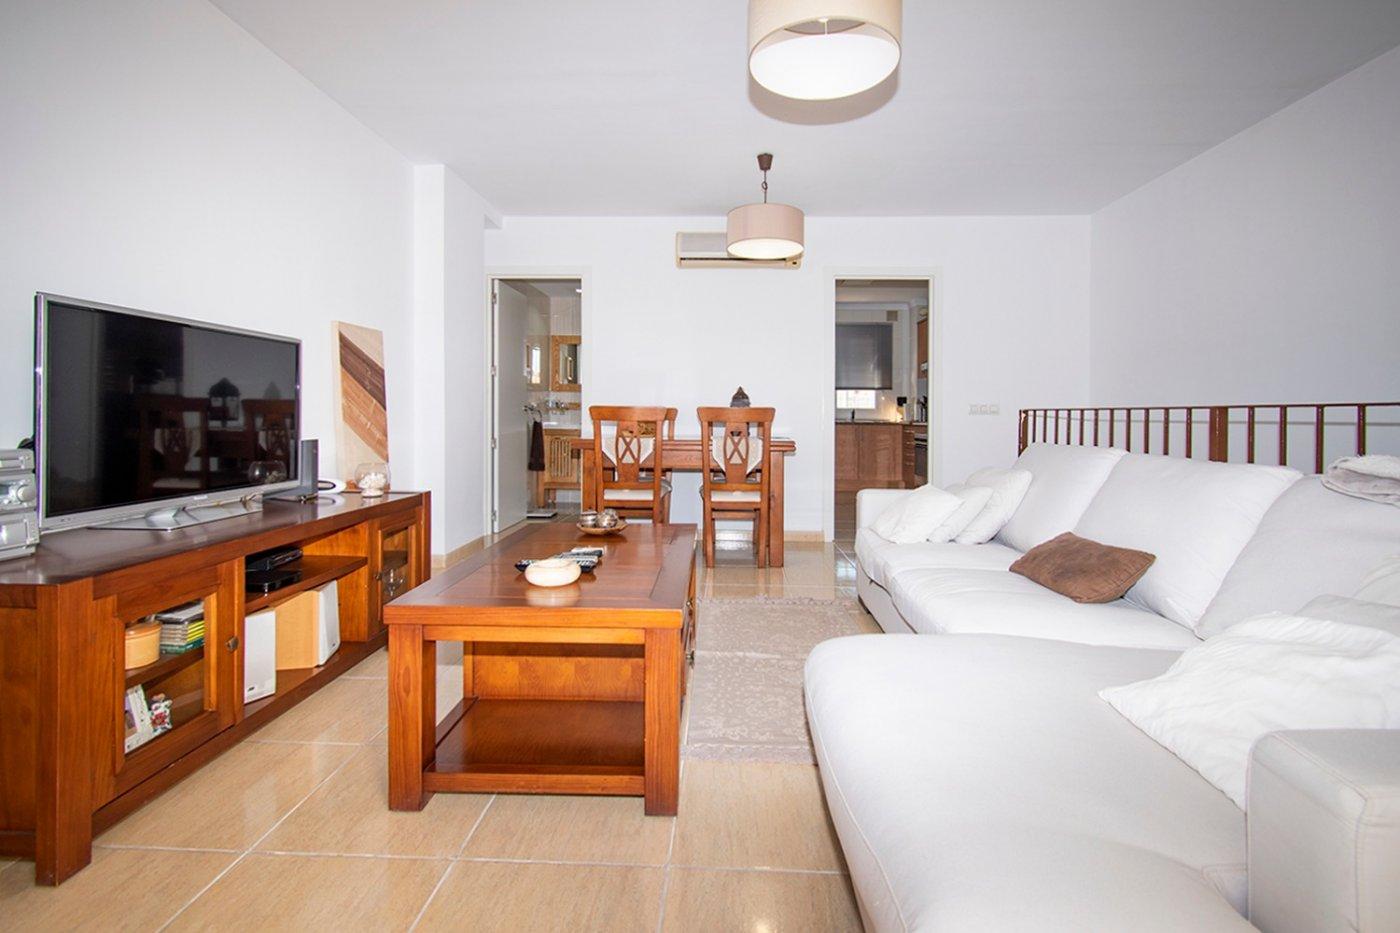 Ático-dÚplex de 3 habitaciones con terraza en planta en pedro garau (parking opcional) - imagenInmueble8